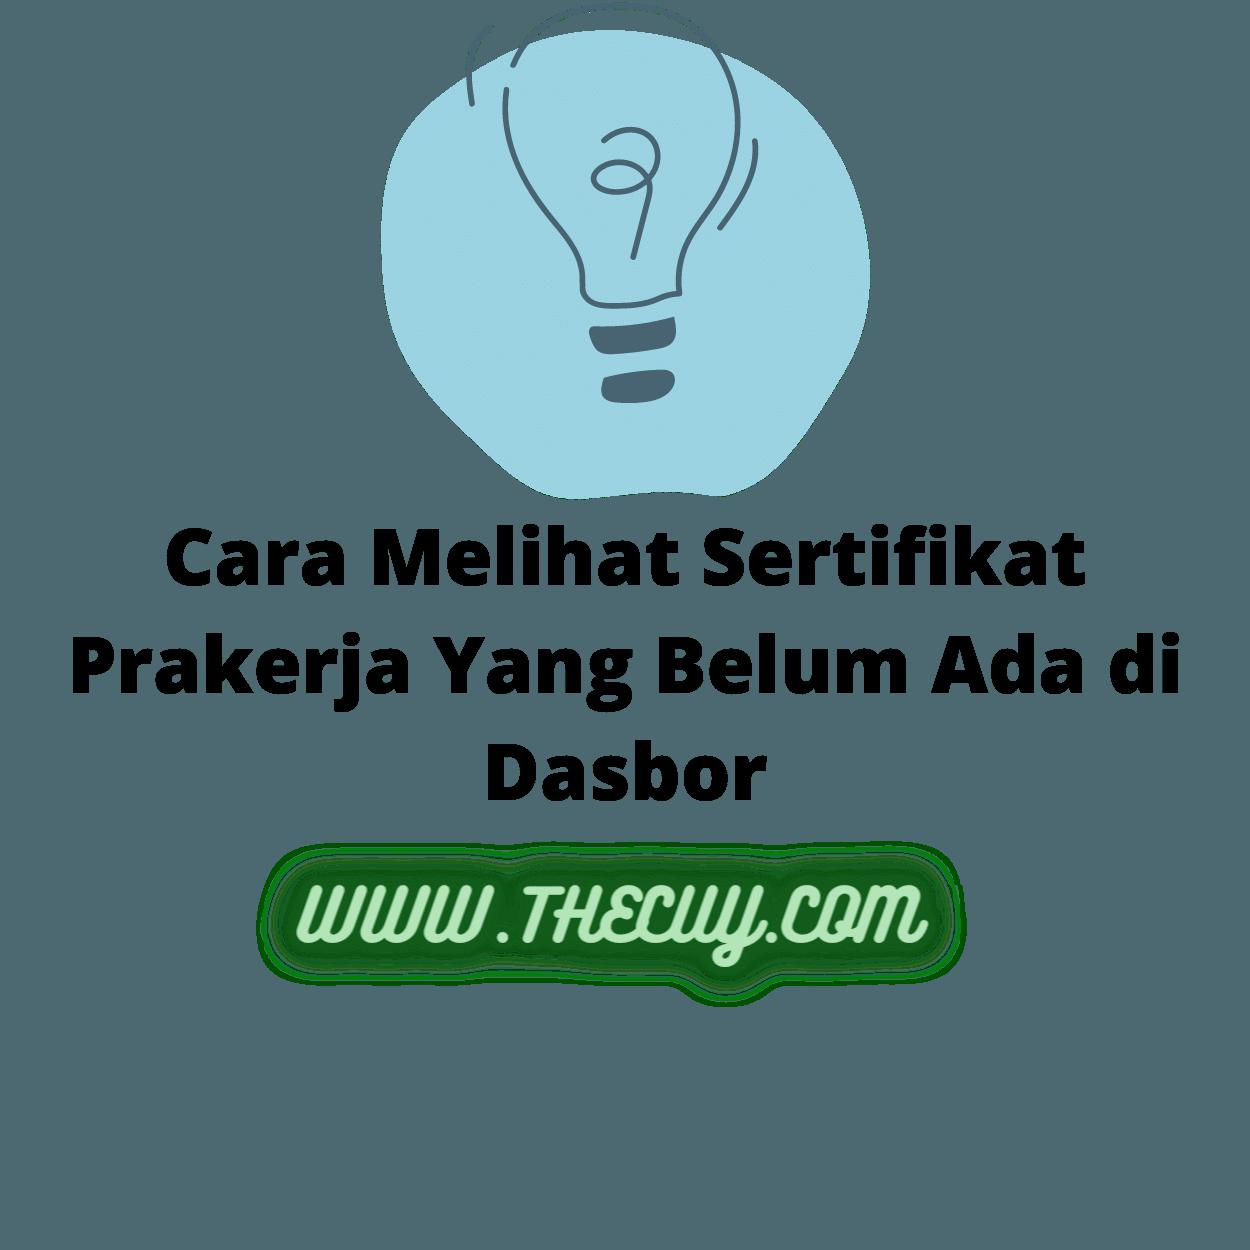 Cara Melihat Sertifikat Prakerja Yang Belum Ada di Dasbor